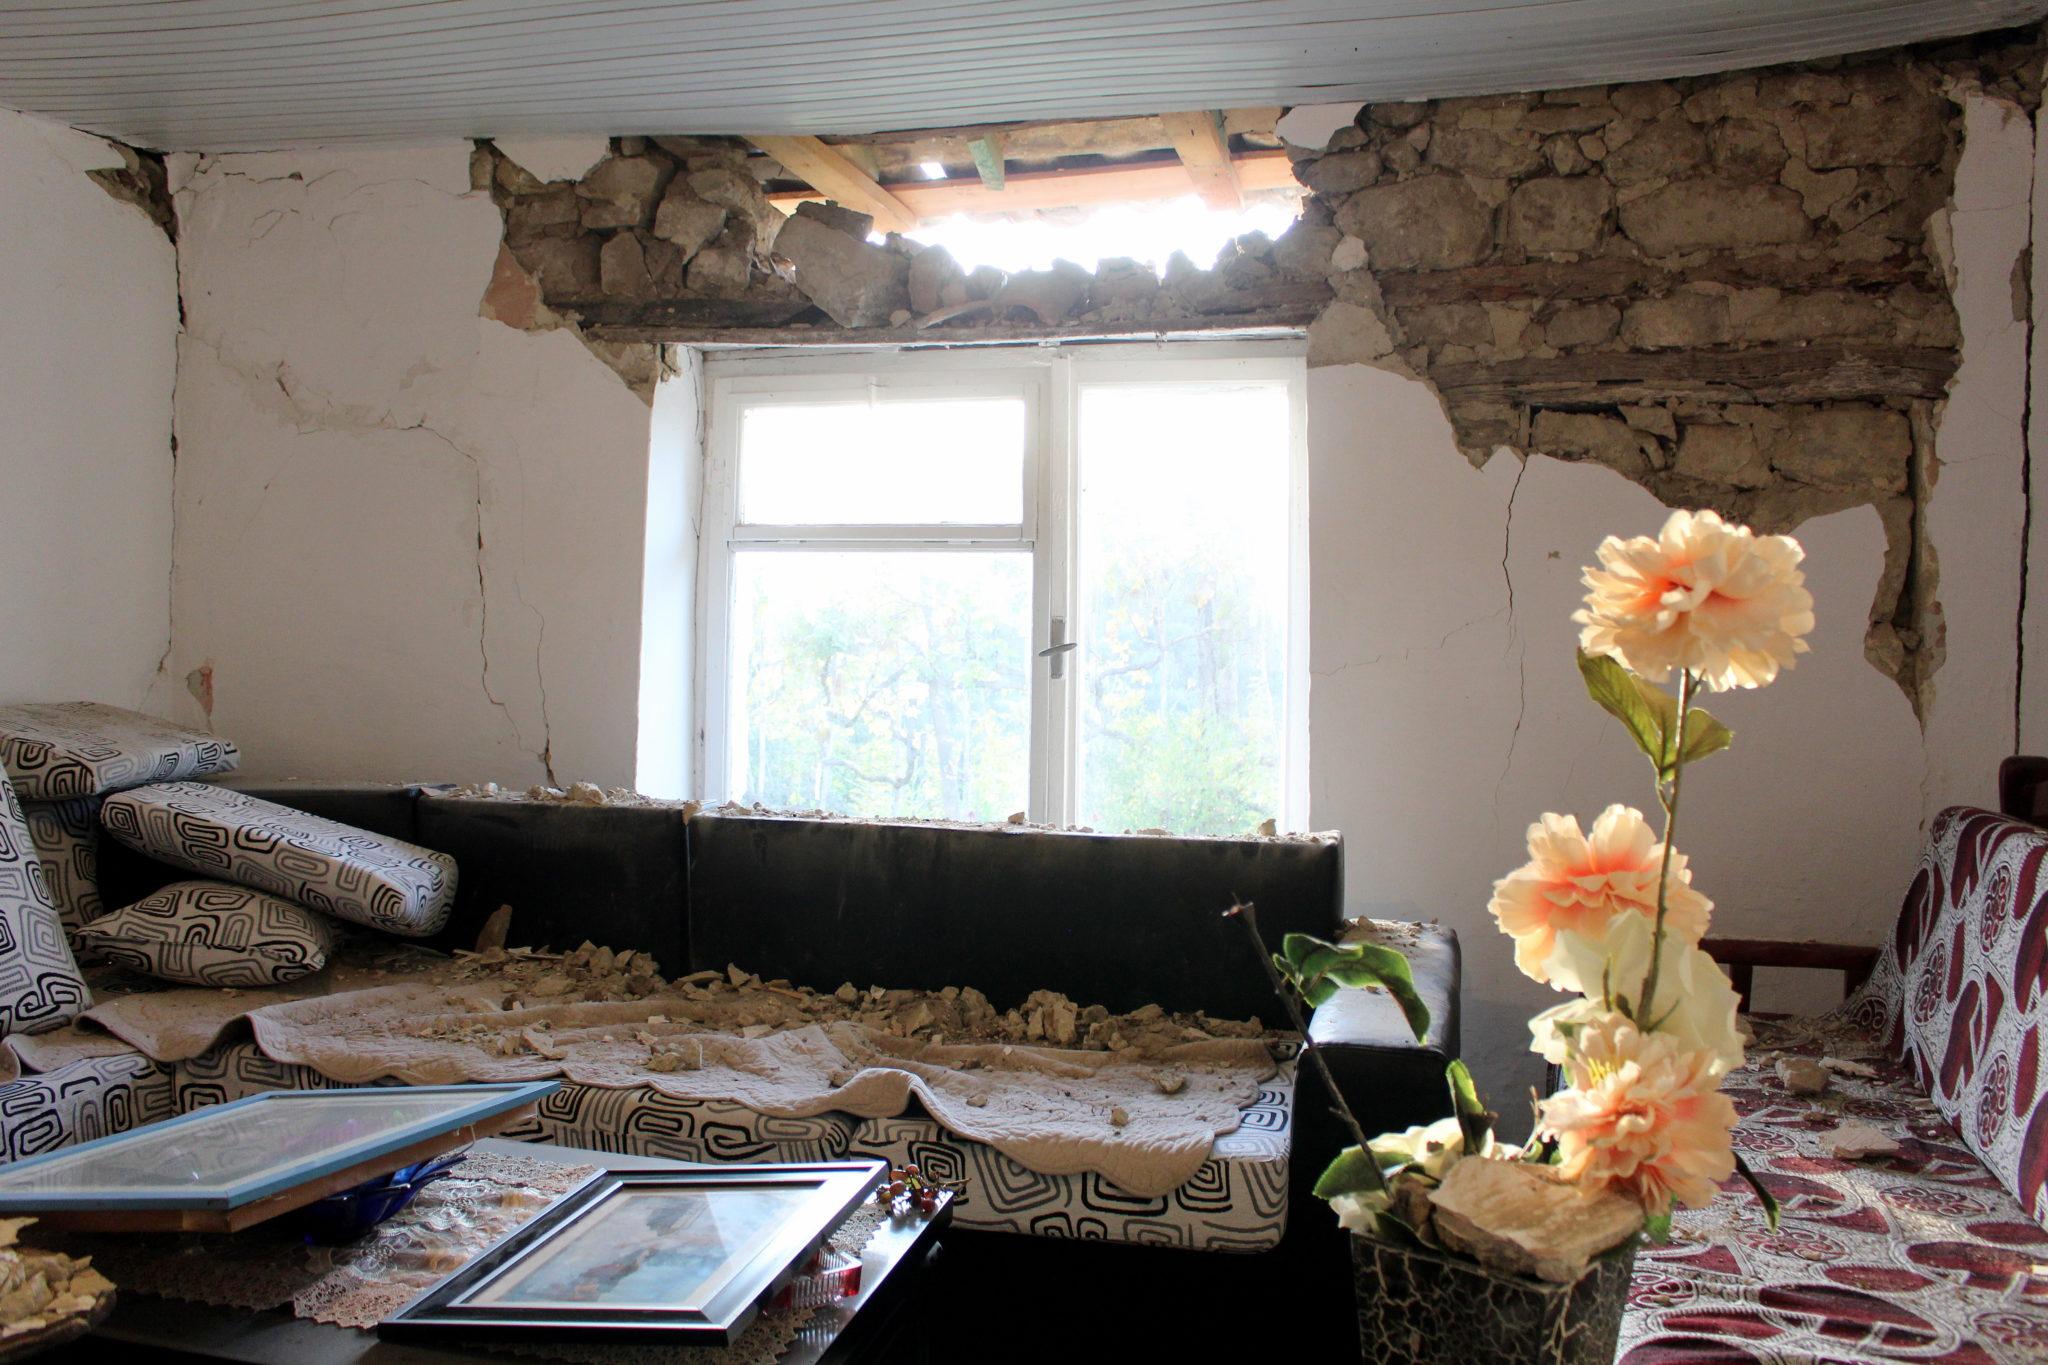 Albania: trzęsienie ziemi o magnitudzie 5.8 nawiedziło Tiranę i inne regiony kraju, fot. Malton Dibra, PAP/EPA